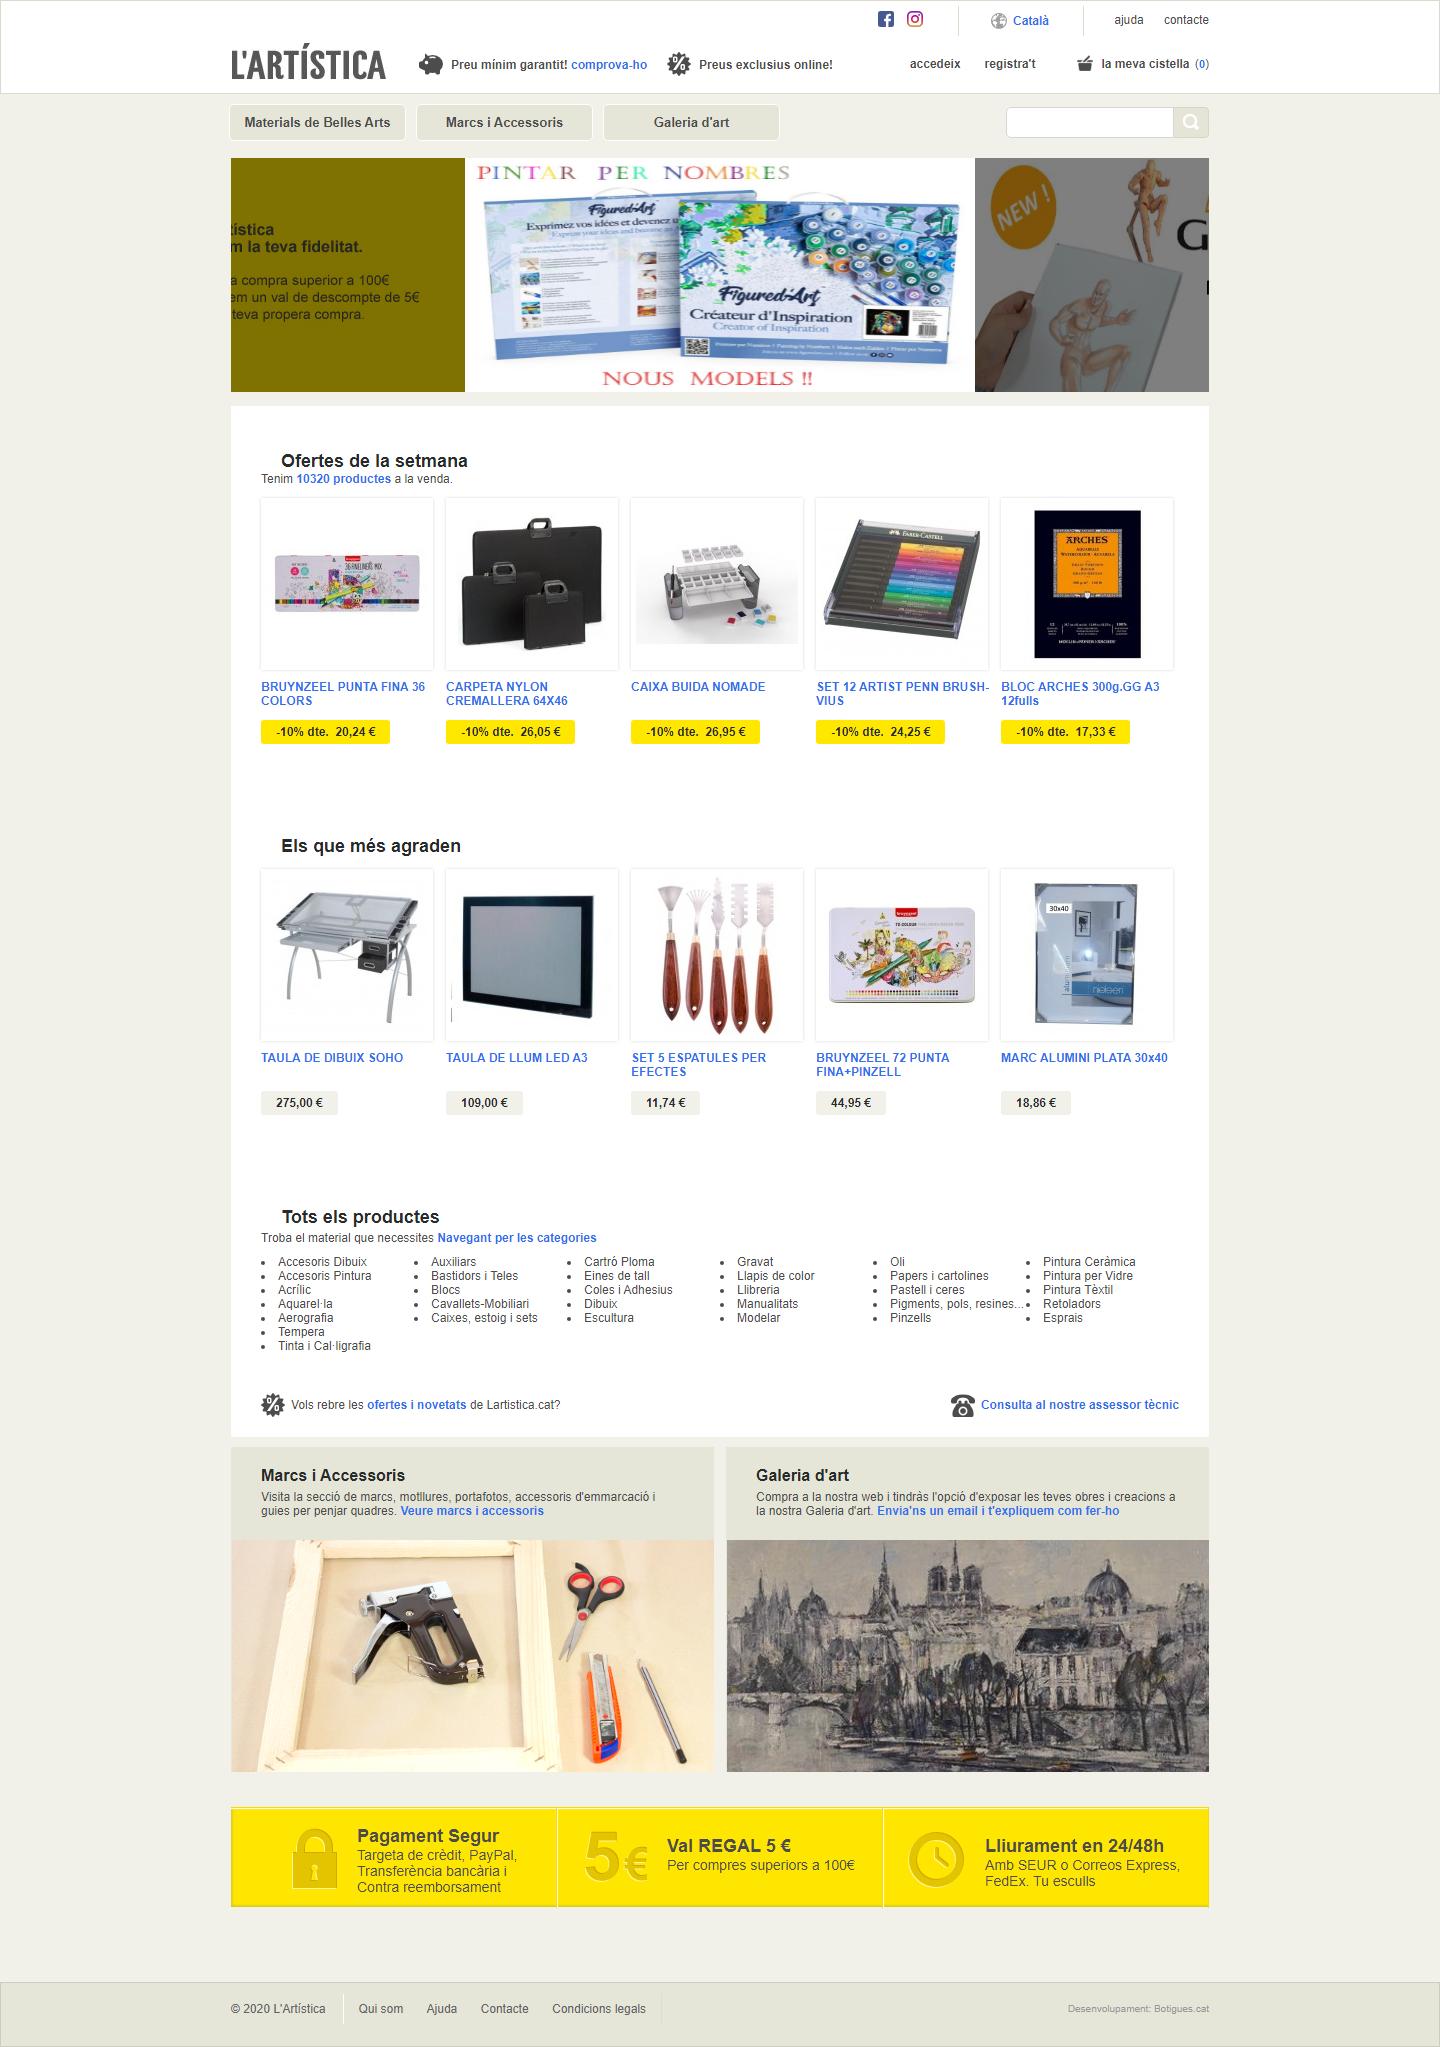 Botiga online L'Artística